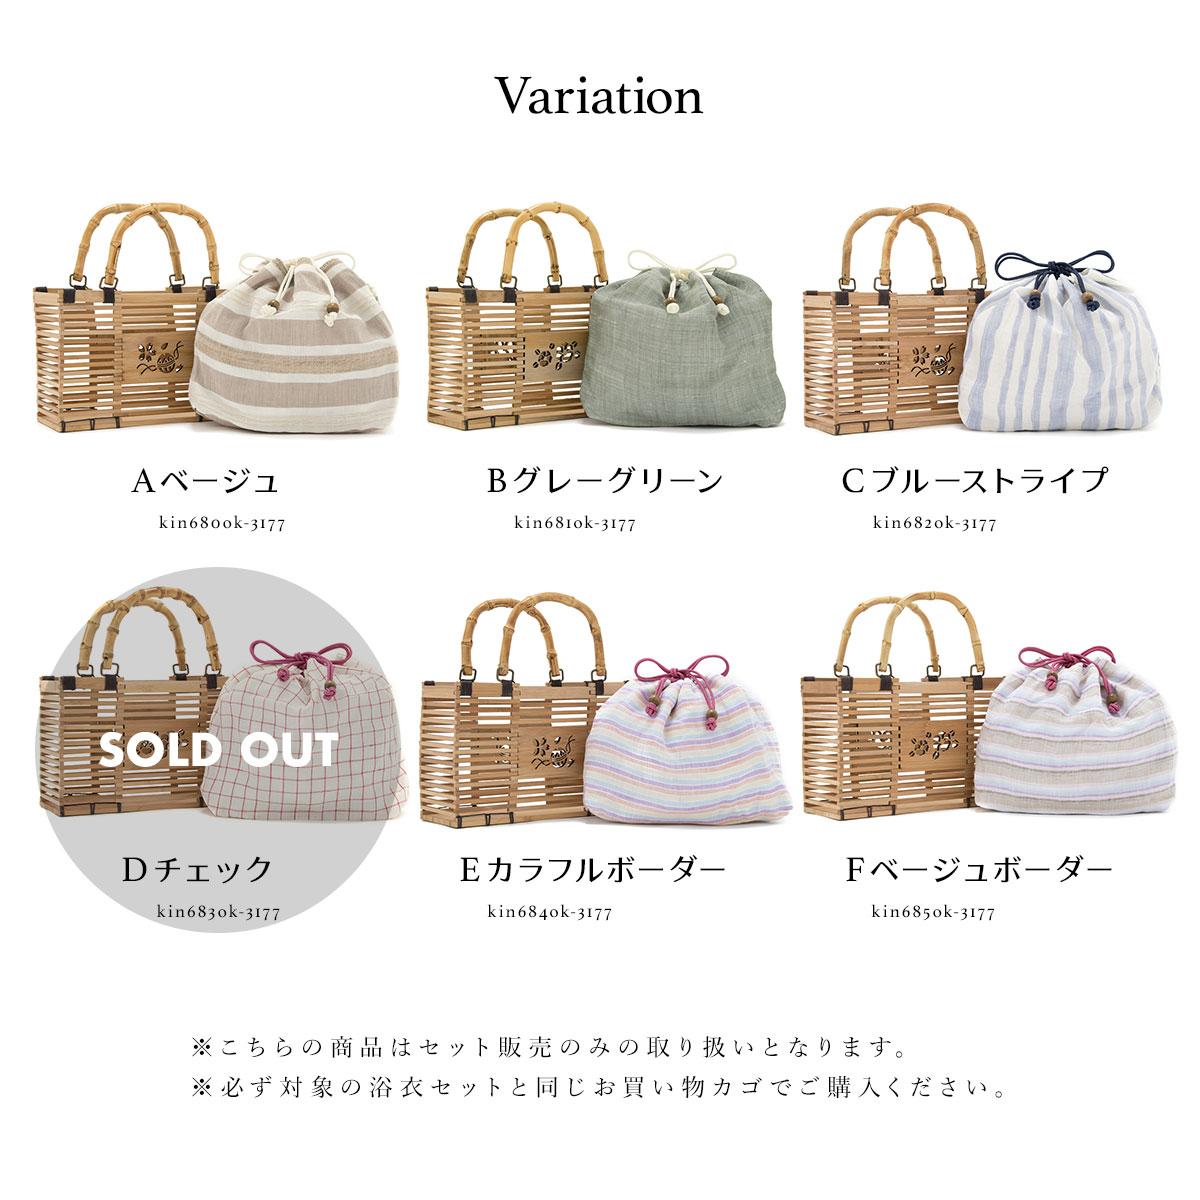 対象商品購入者限定!オプションバッグ